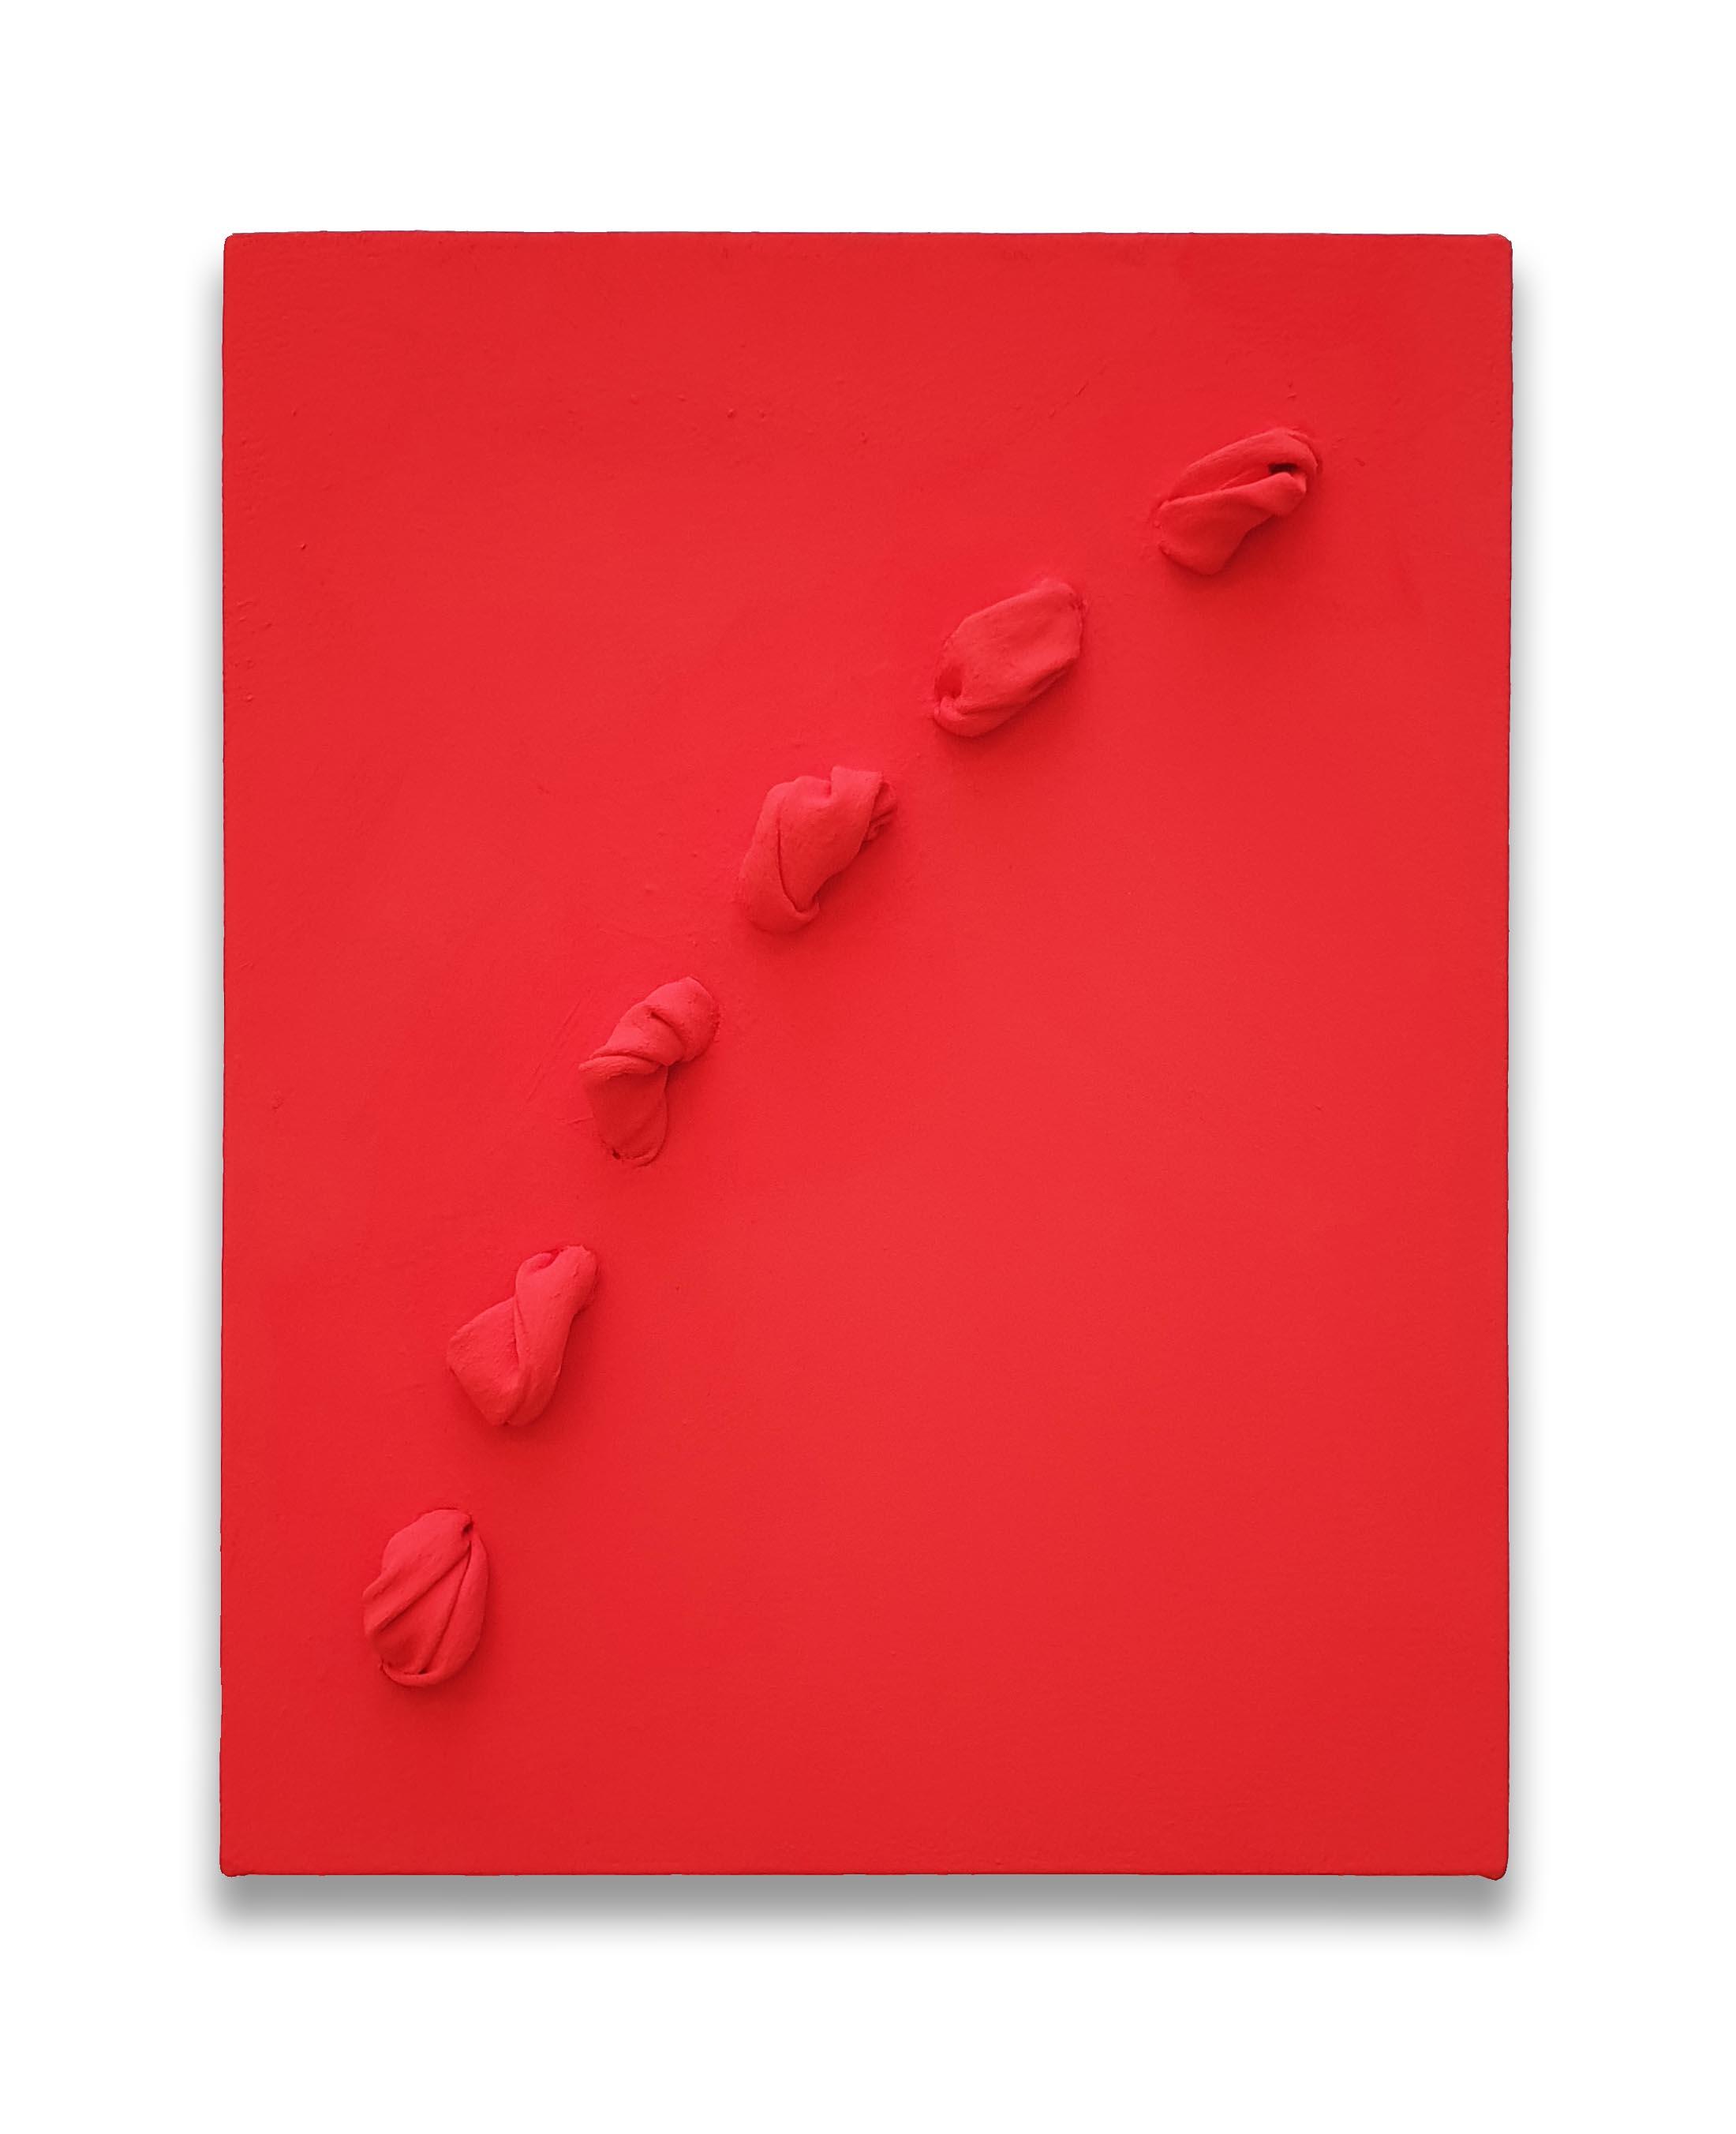 Flowing Vermilion  - 2019  Pigmento acrilico su tela tesa su tavola  35,6 x 28,4 x 4 cm